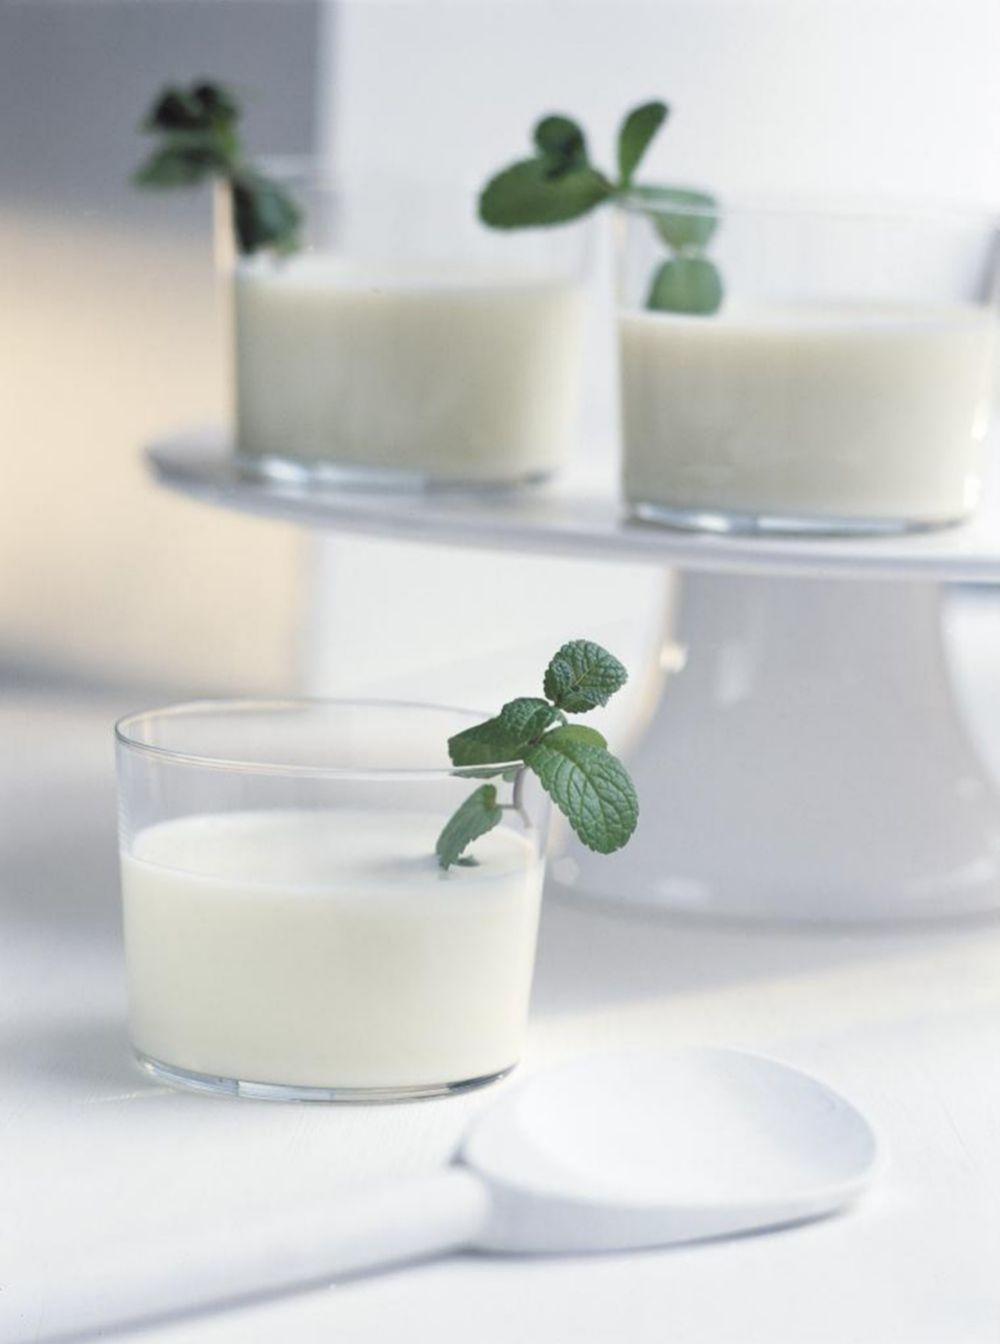 Los lácteos, mejor enriquecidos con calcio, son una ayuda importante contra la osteoporosis.